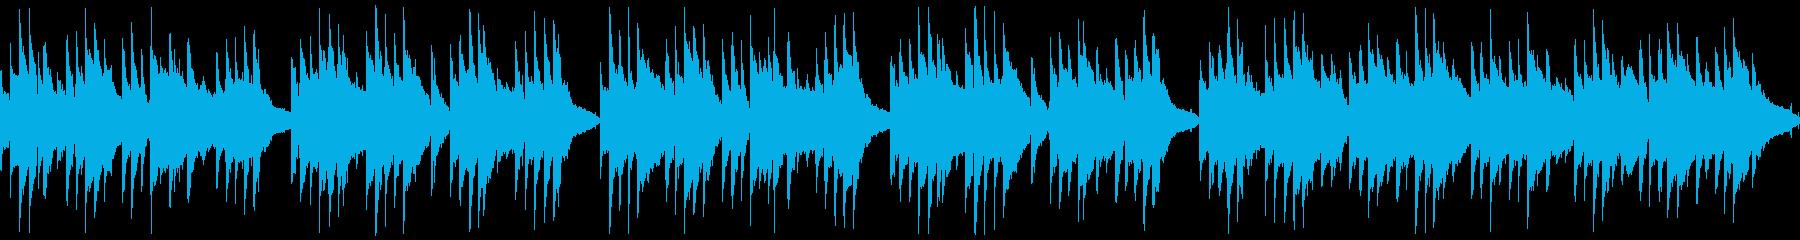 ゆったりノスタルジックなギターデュオの再生済みの波形